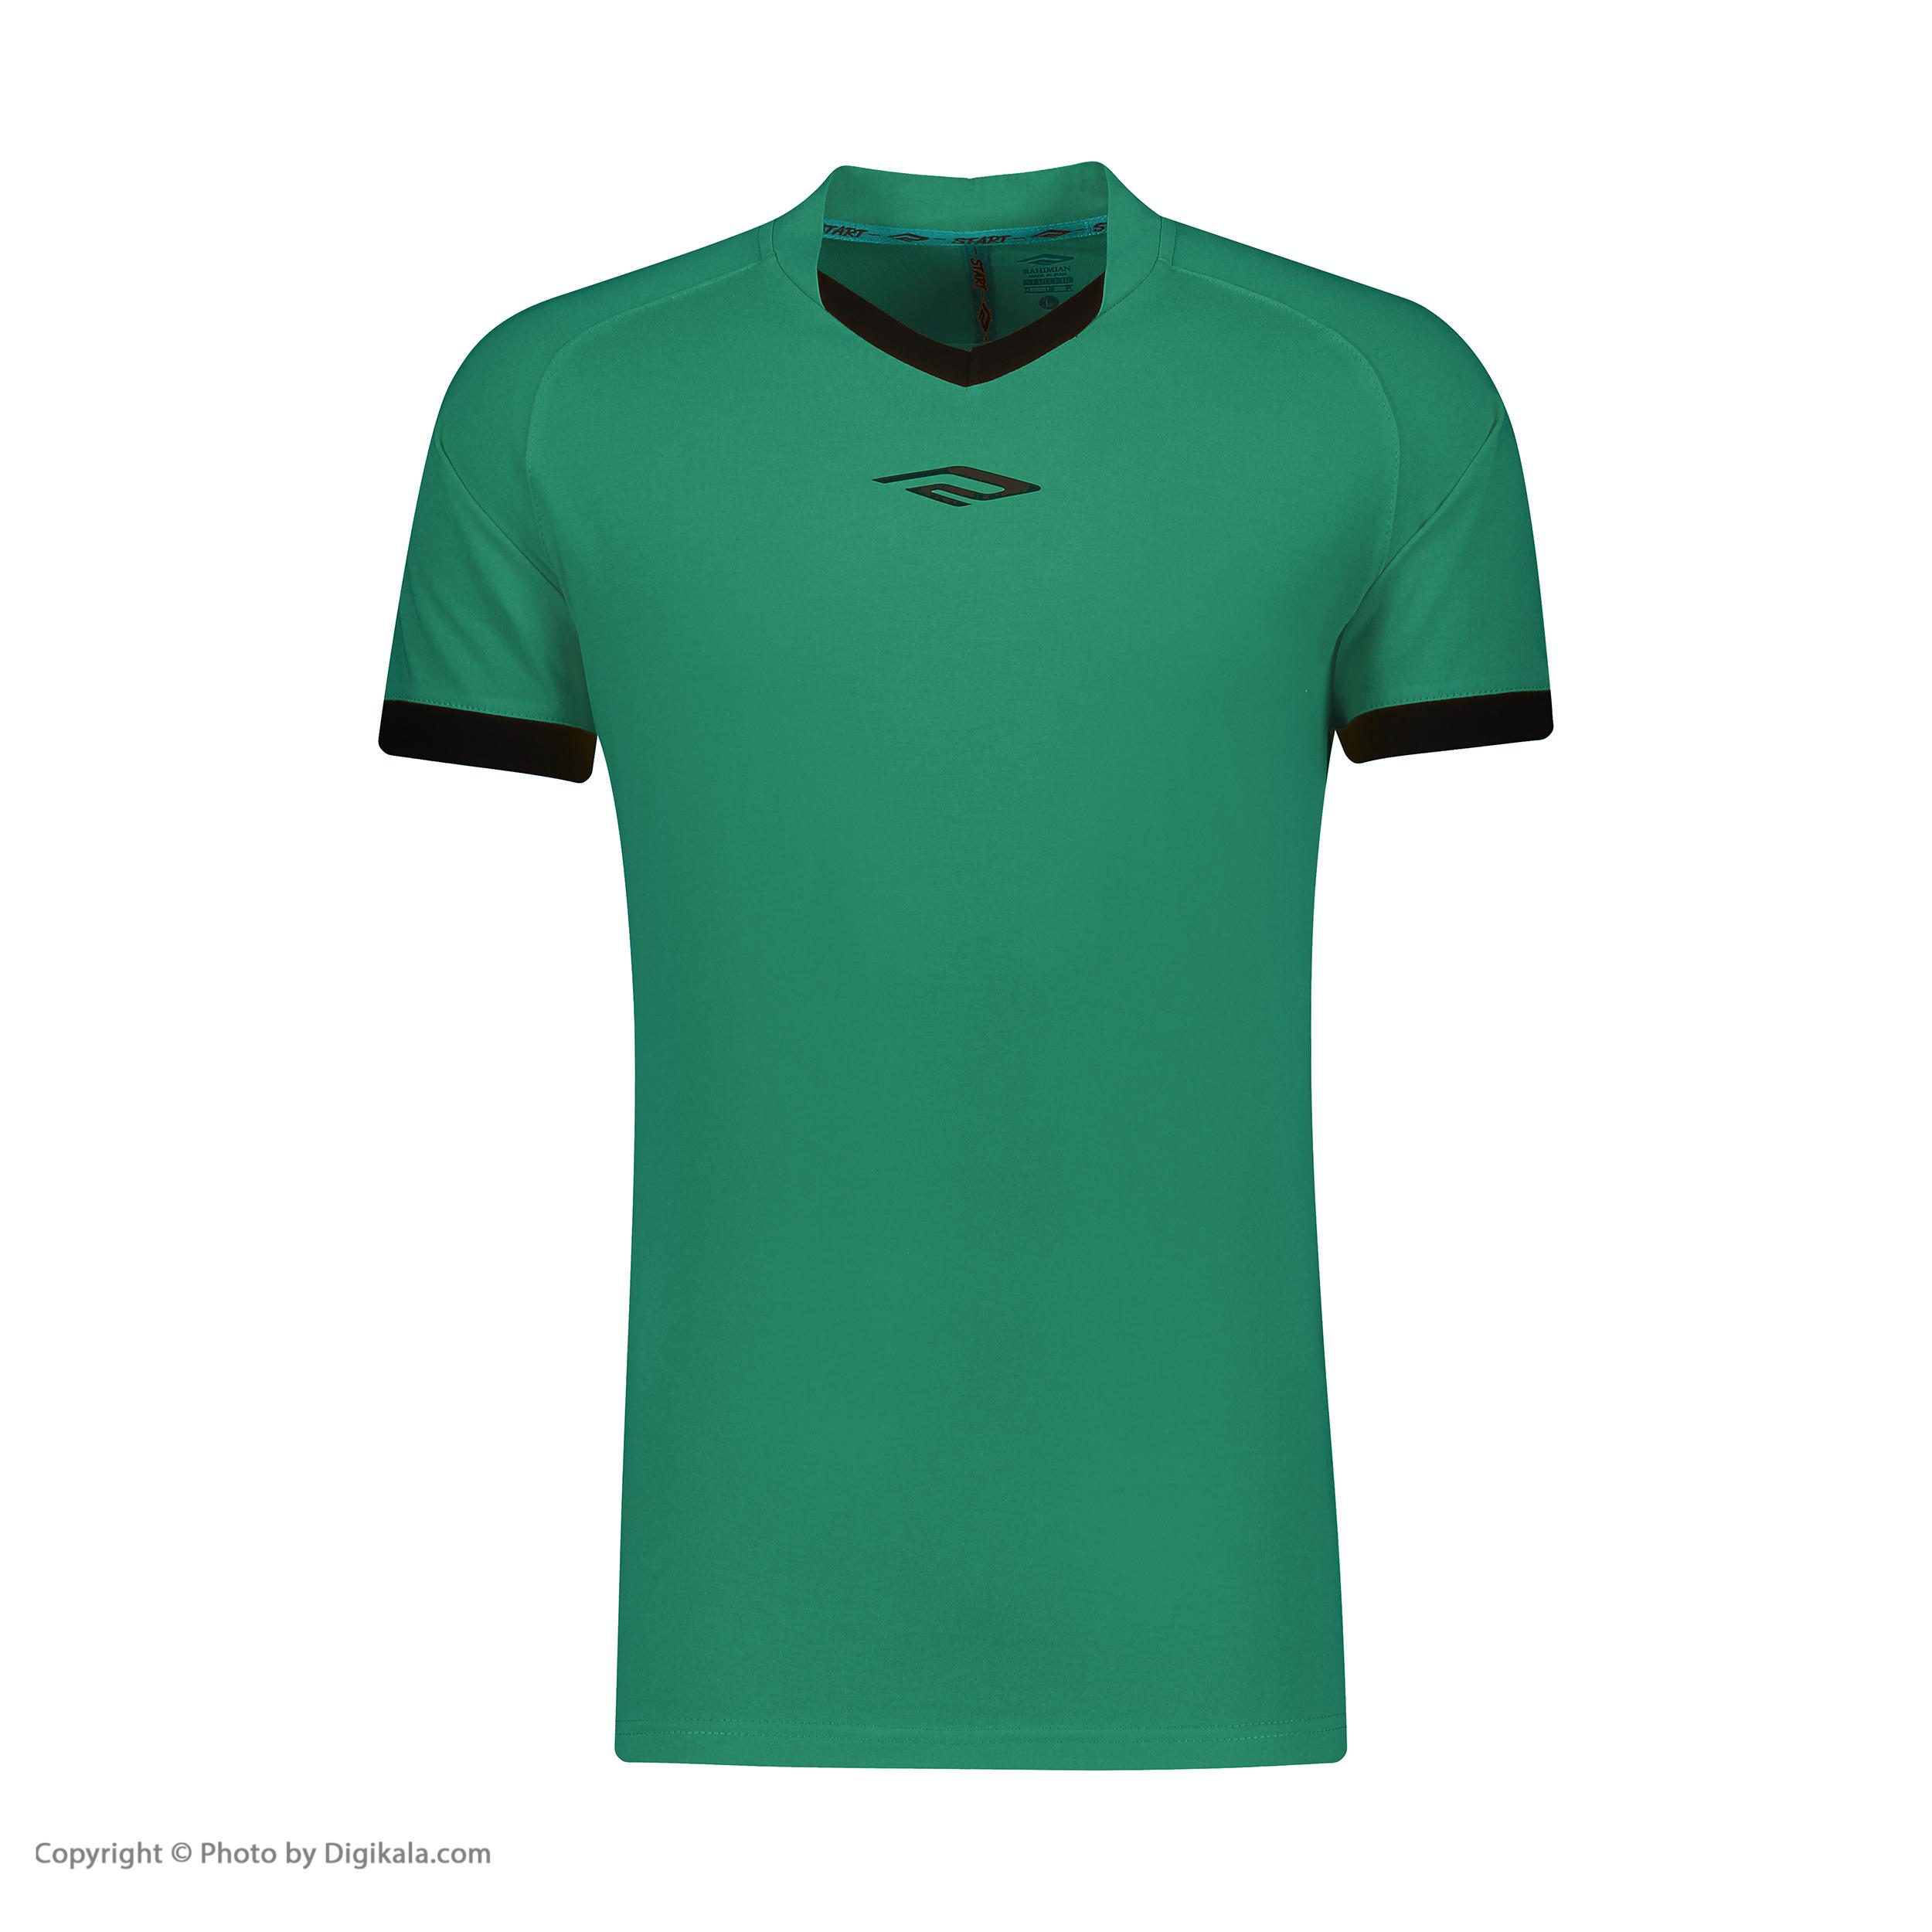 ست تیشرت و شلوارک ورزشی مردانه استارت مدل v1001-2 -  - 5